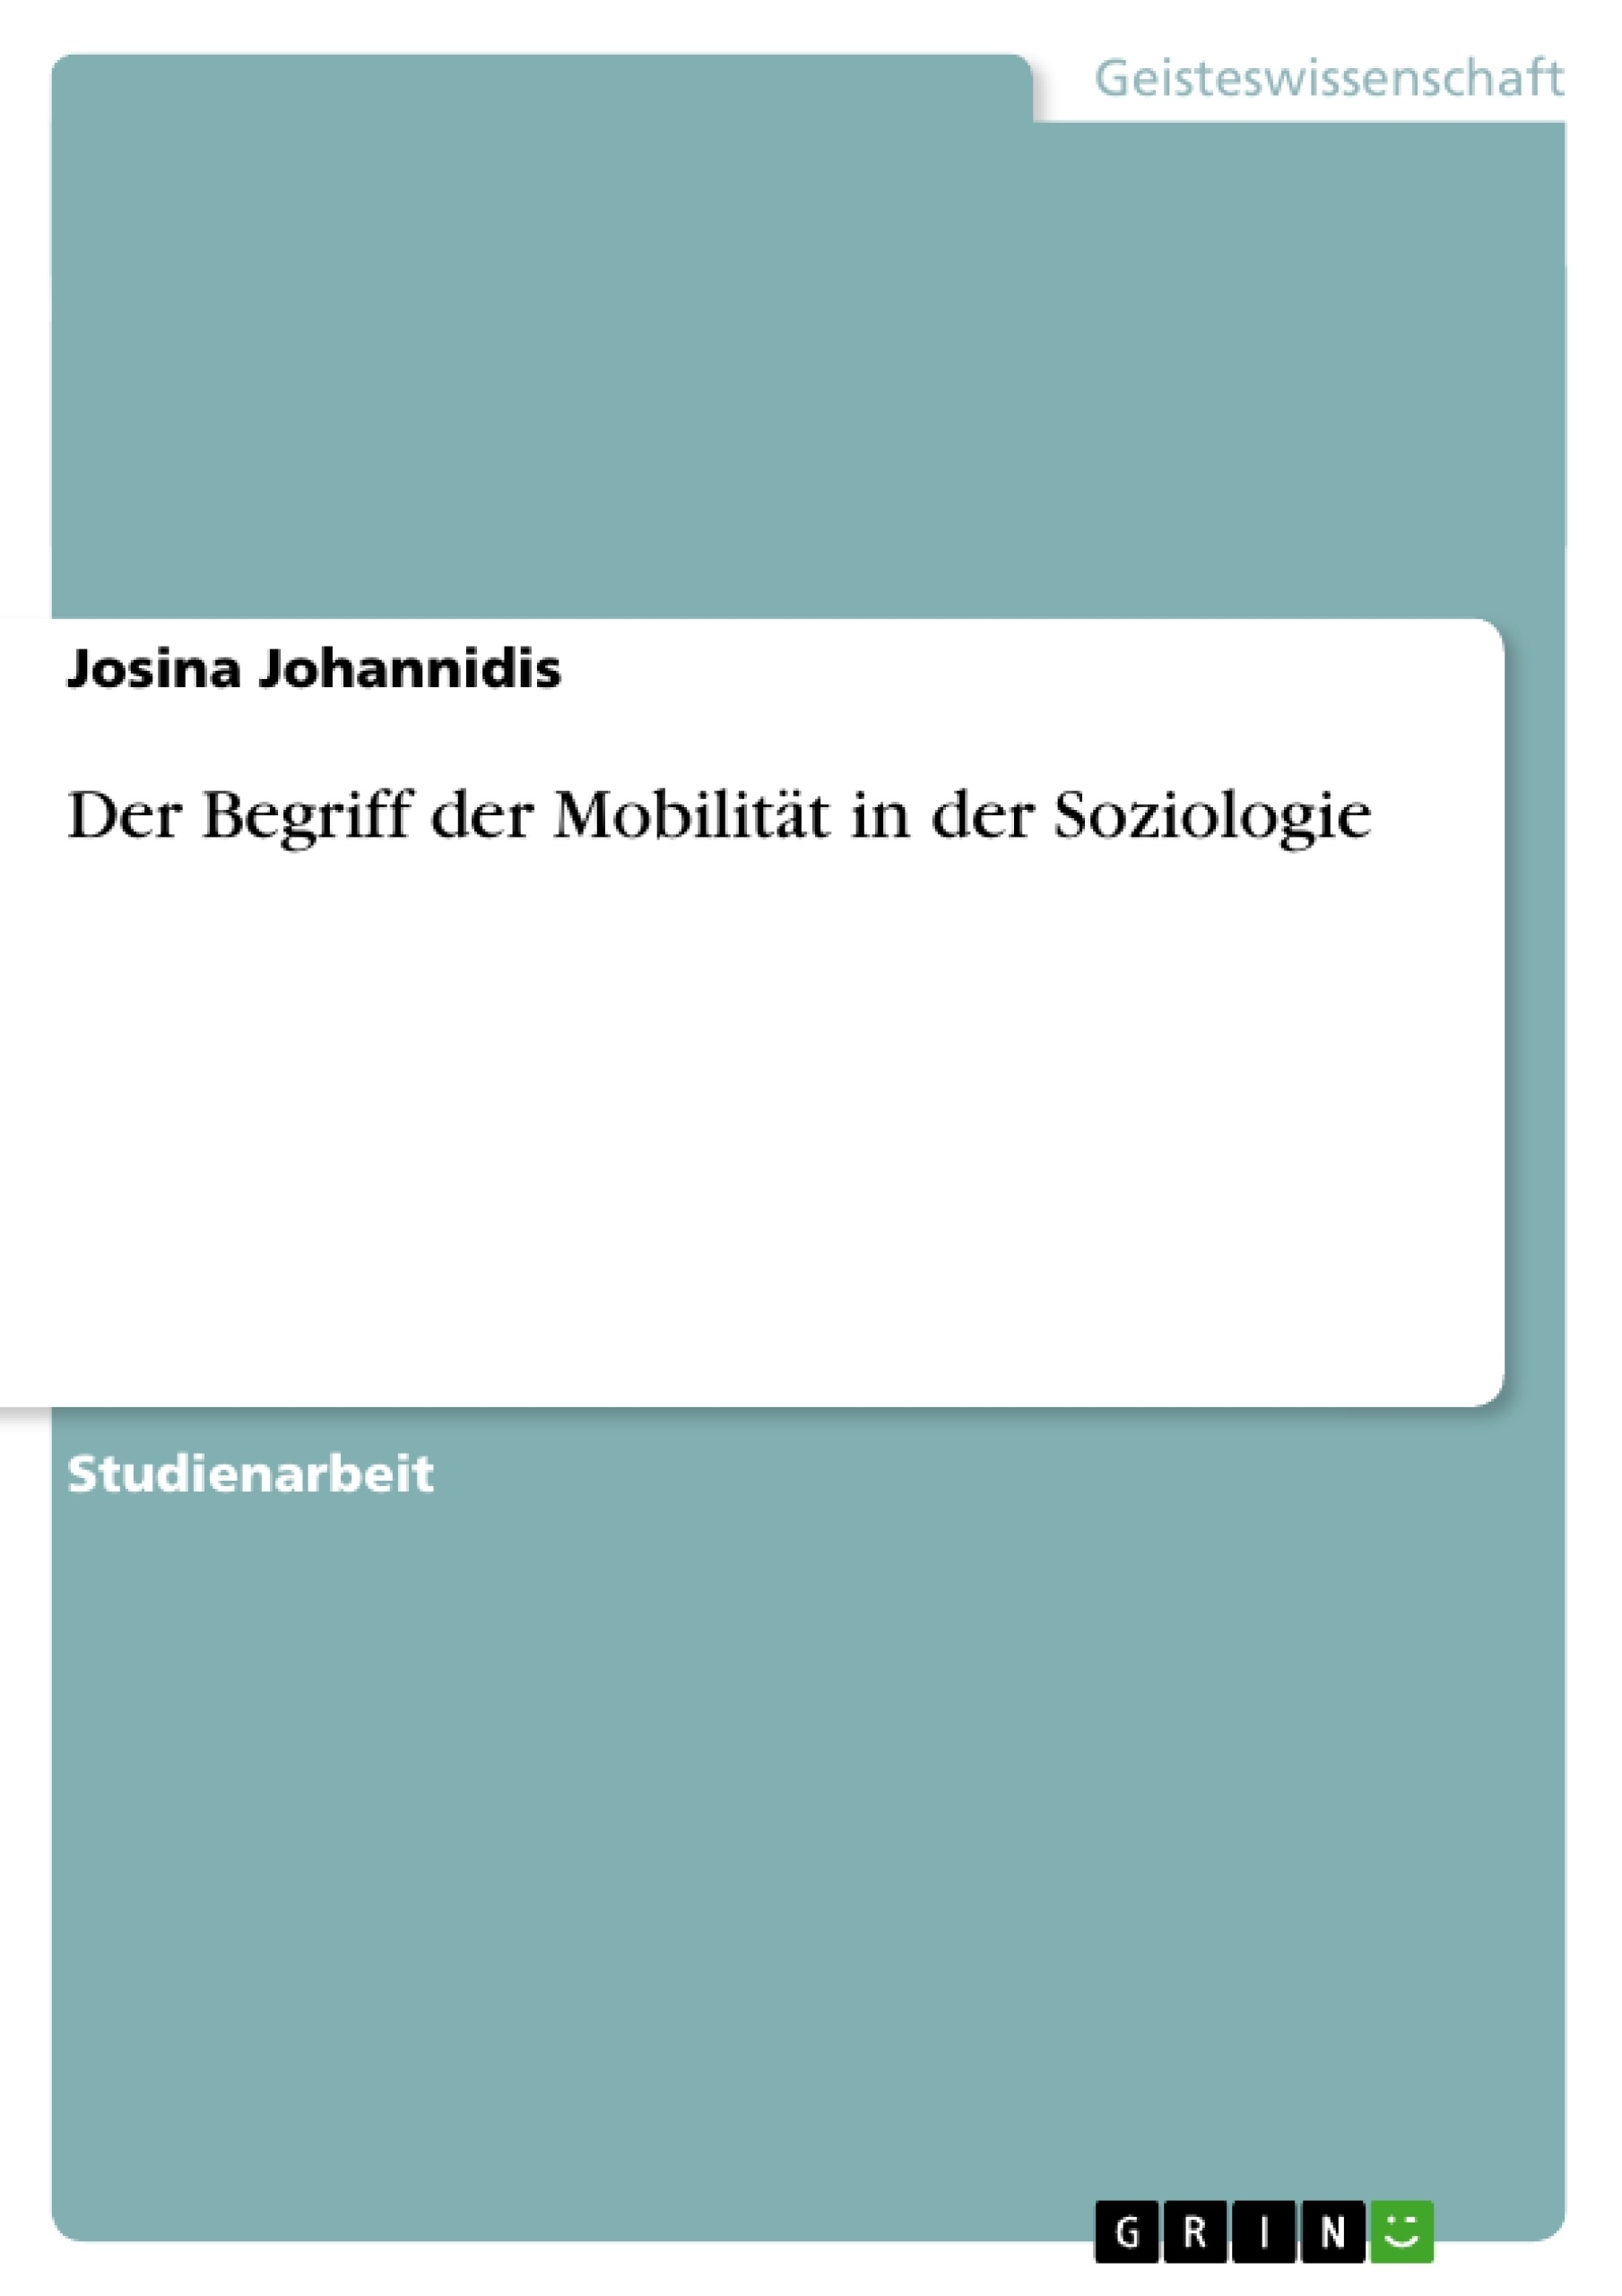 Titel: Der Begriff der Mobilität in der Soziologie